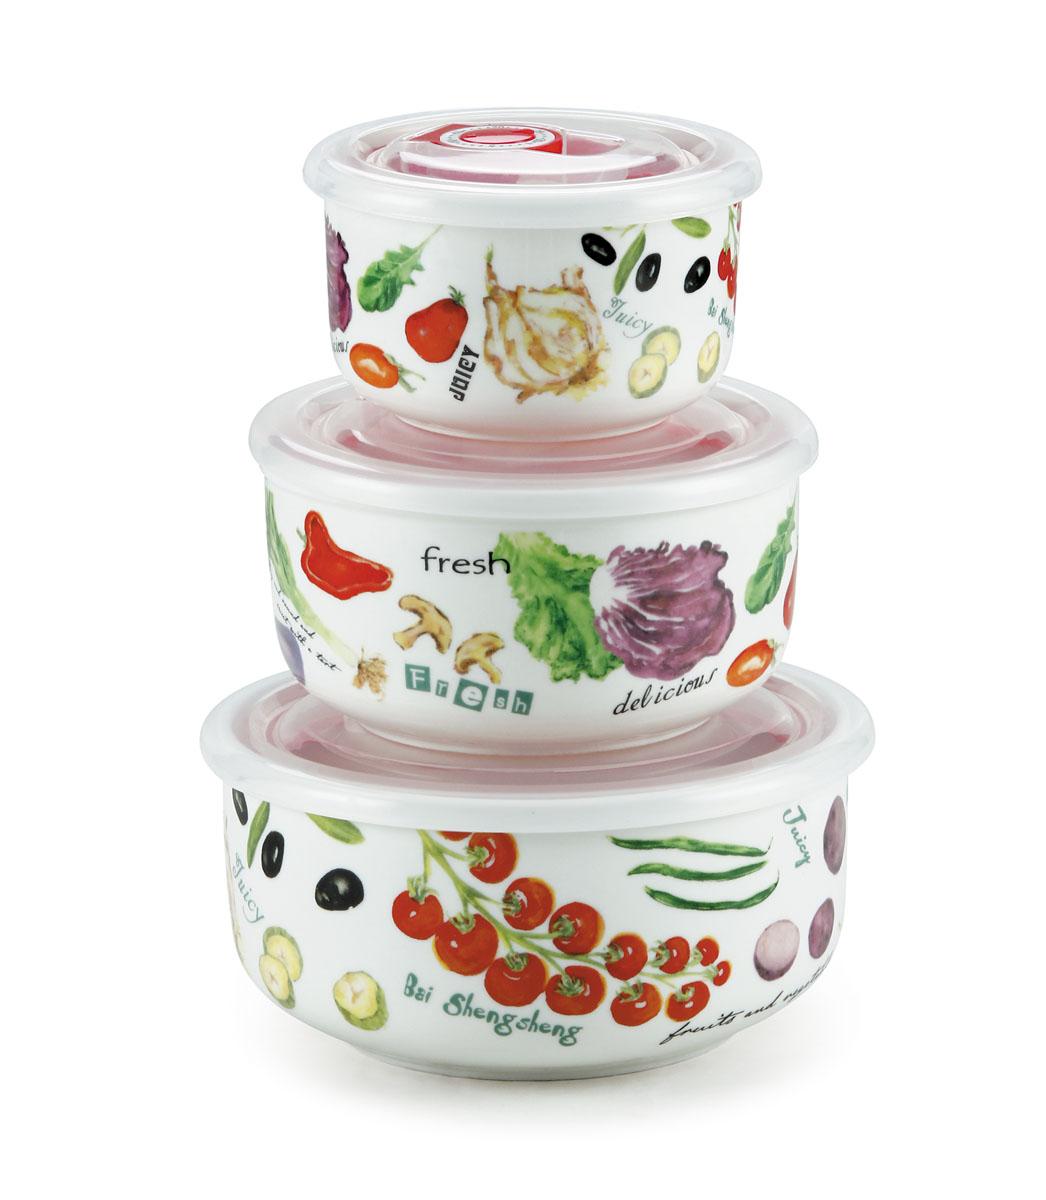 Набор вакуумных контейнеров Bekker Овощи с крышками, 3 штMBCB-100Набор Bekker Овощи состоит из трех круглых вакуумных контейнеров разного объема. Контейнеры выполнены из высококачественного фарфора и декорированы изображениями овощей. Изделия надежно закрываются пластиковыми прозрачными вакуумными крышками, которые снабженысиликоновыми уплотнителями для лучшей фиксации. Благодаря этому они будут дольше сохранятьсвежесть ваших продуктов. Крышки оснащены специальным откидывающимися механизмами с отметками дня месяца, которые вы можете установить вручную и всегда быть уверенным в срокегодности продуктов. Чтобы открыть контейнер, вам нужно откинуть механизм вверх. Набор оченьудобно хранить, и на кухне он не займет много места, так как изделия складываются друг в друга по принципу матрешки.Функциональный и яркий набор контейнеров Bekker Овощи займет достойное место среди аксессуаров на вашей кухне. Контейнеры пригодны для использования в микроволновой печи и посудомоечной машине.Комплектация: 3 шт.Объем контейнеров: 300 мл, 550 мл, 950 мл. Диаметр: 10 см, 13 см, 15 см. Высота стенки (без учета крышки): 6 см, 6,5 см, 7 см.